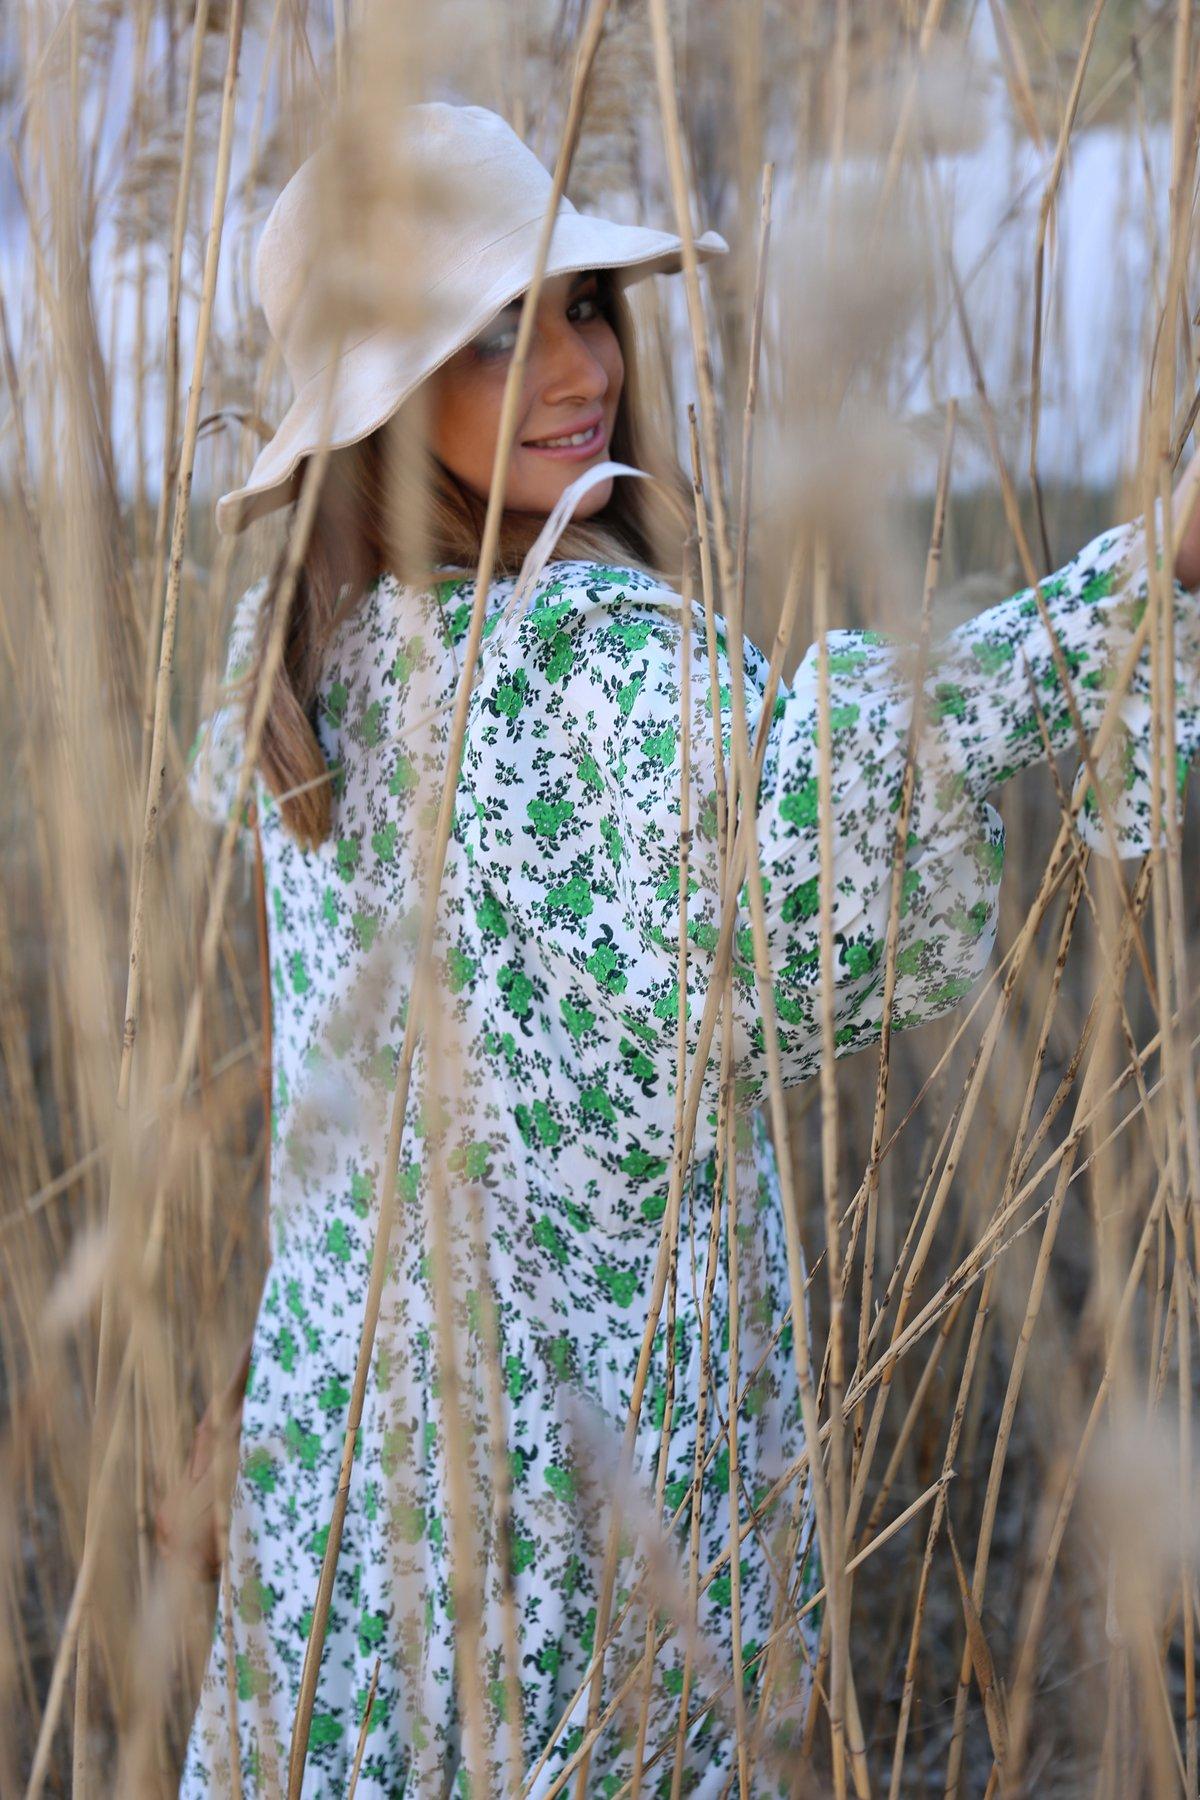 Beyaz Üzeri Yeşil Desenli Elbise